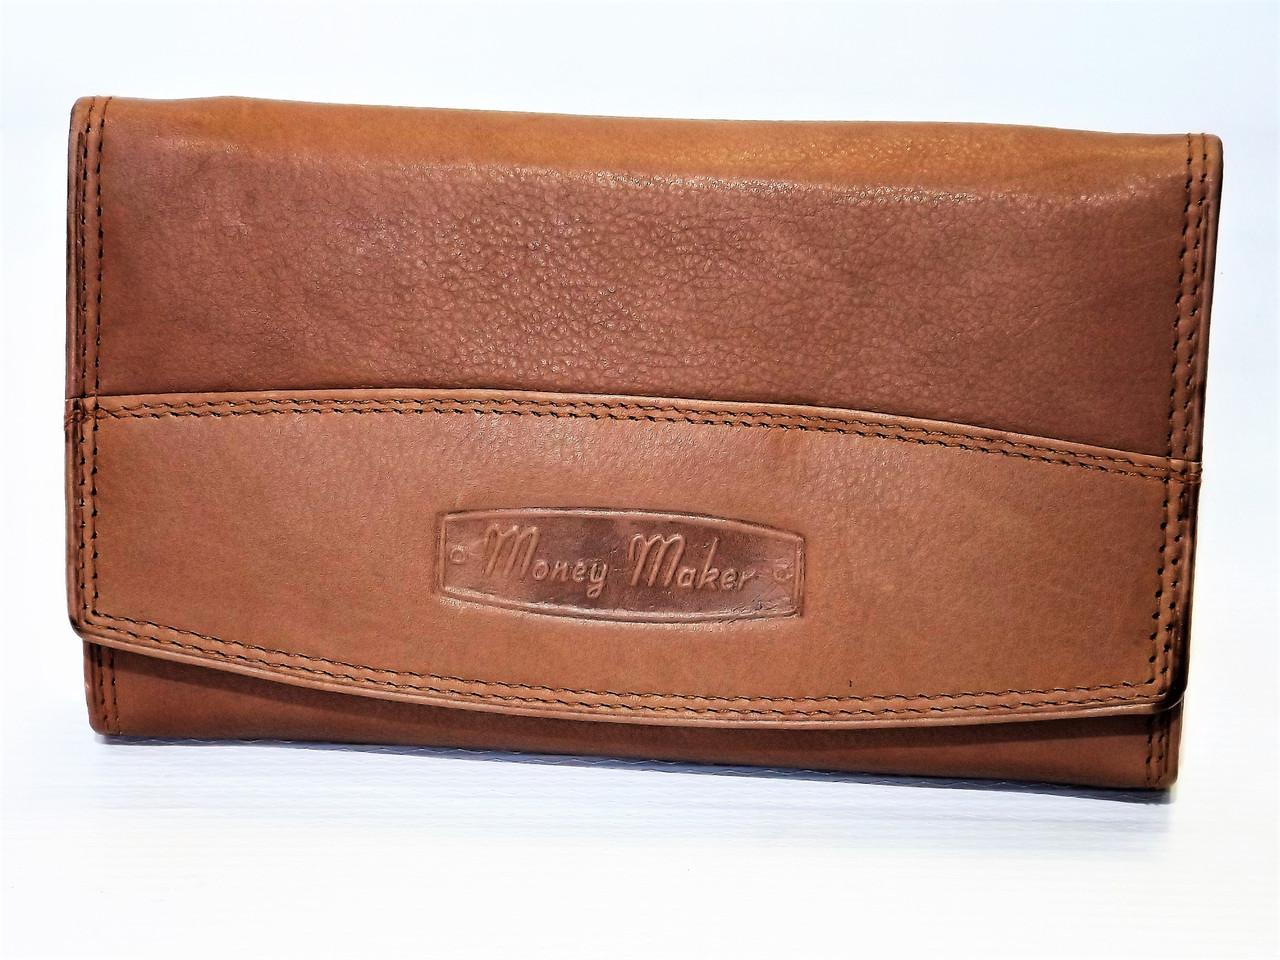 6fb31e5ef9d6 Кошелек женский кожаный Money Maker коричневый Германия - интернет-магазин